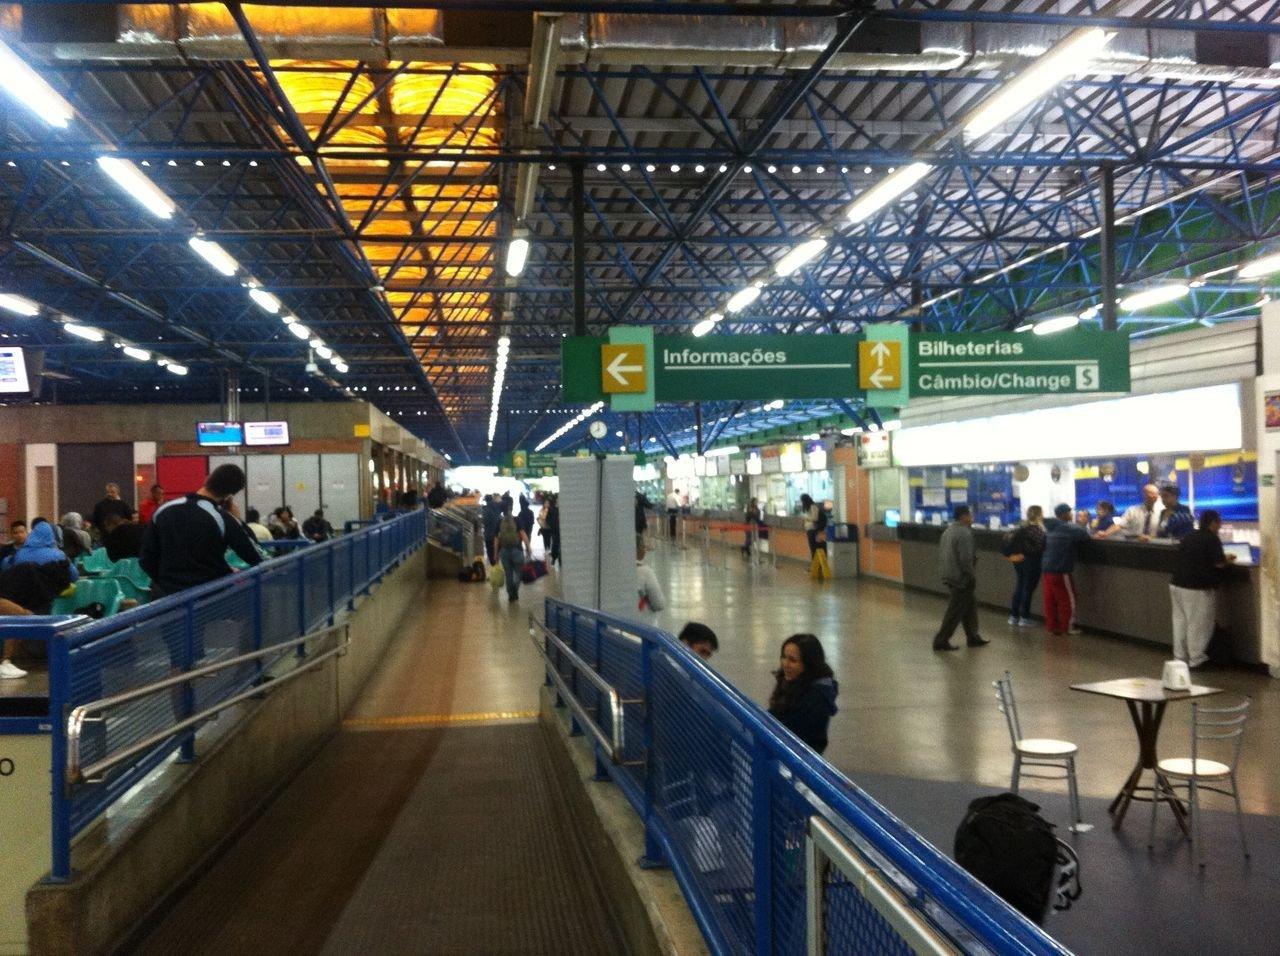 Terminal Rodoviário da Barra Funda vazio durante greve geral 28/04